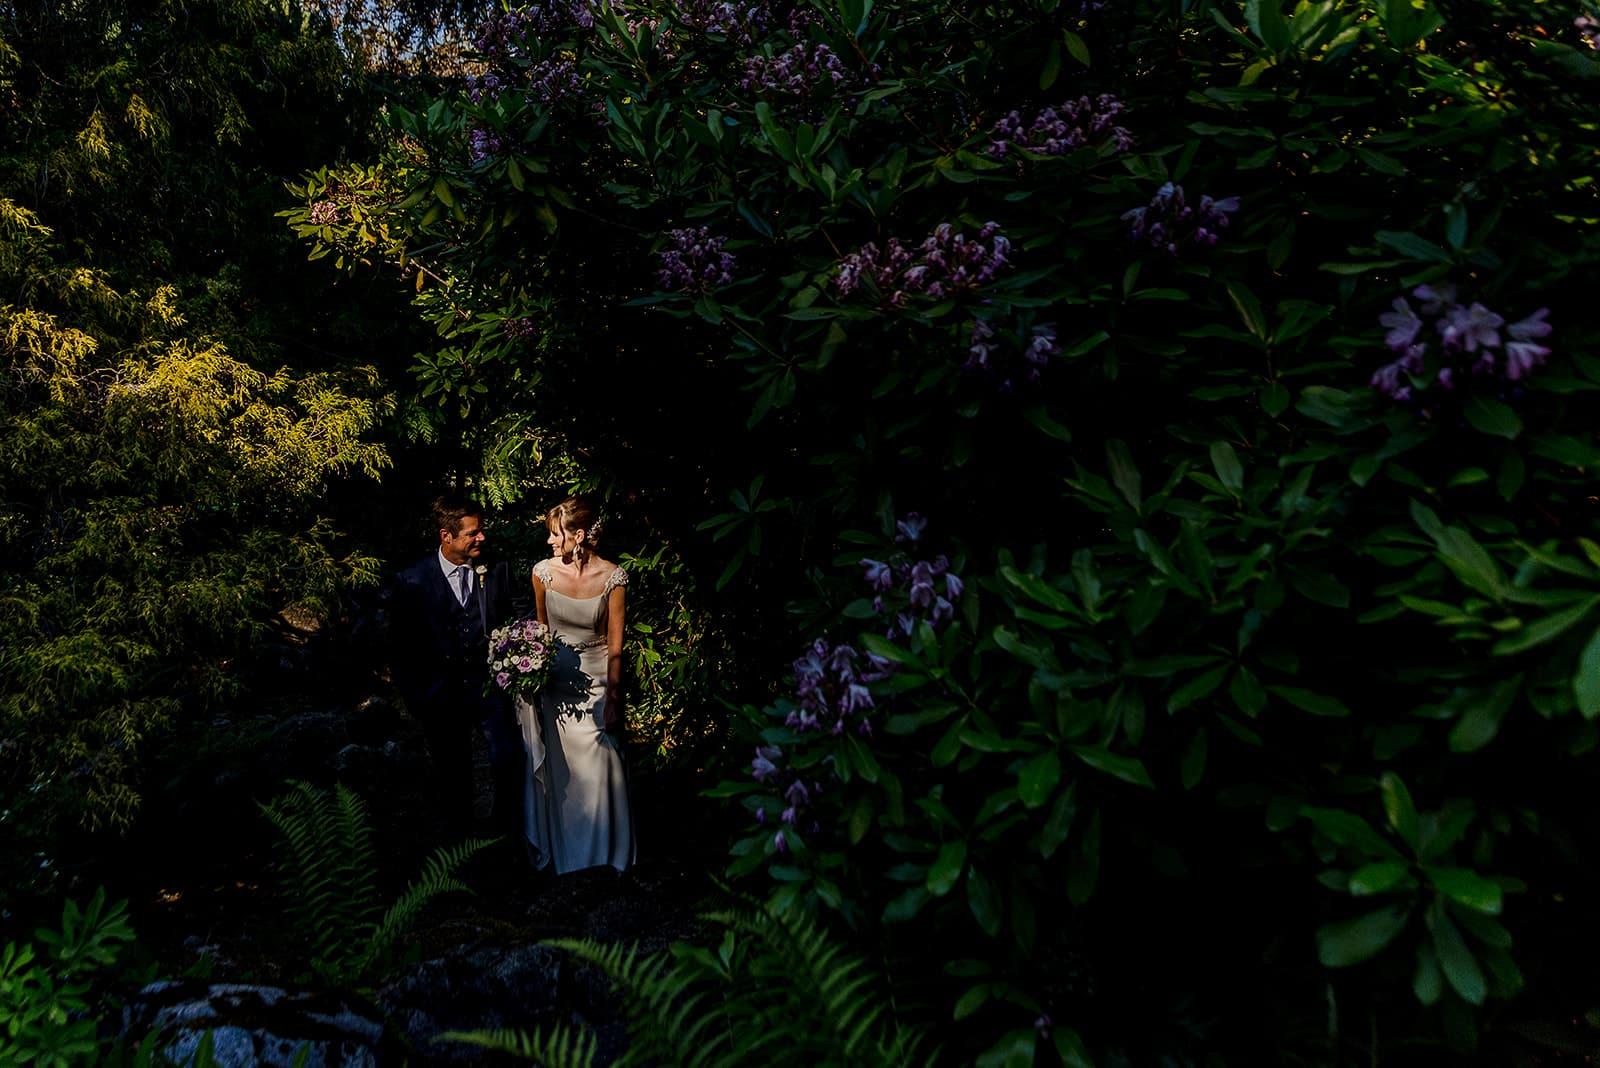 Blaylock Mansion wedding photo in garden above the mansion